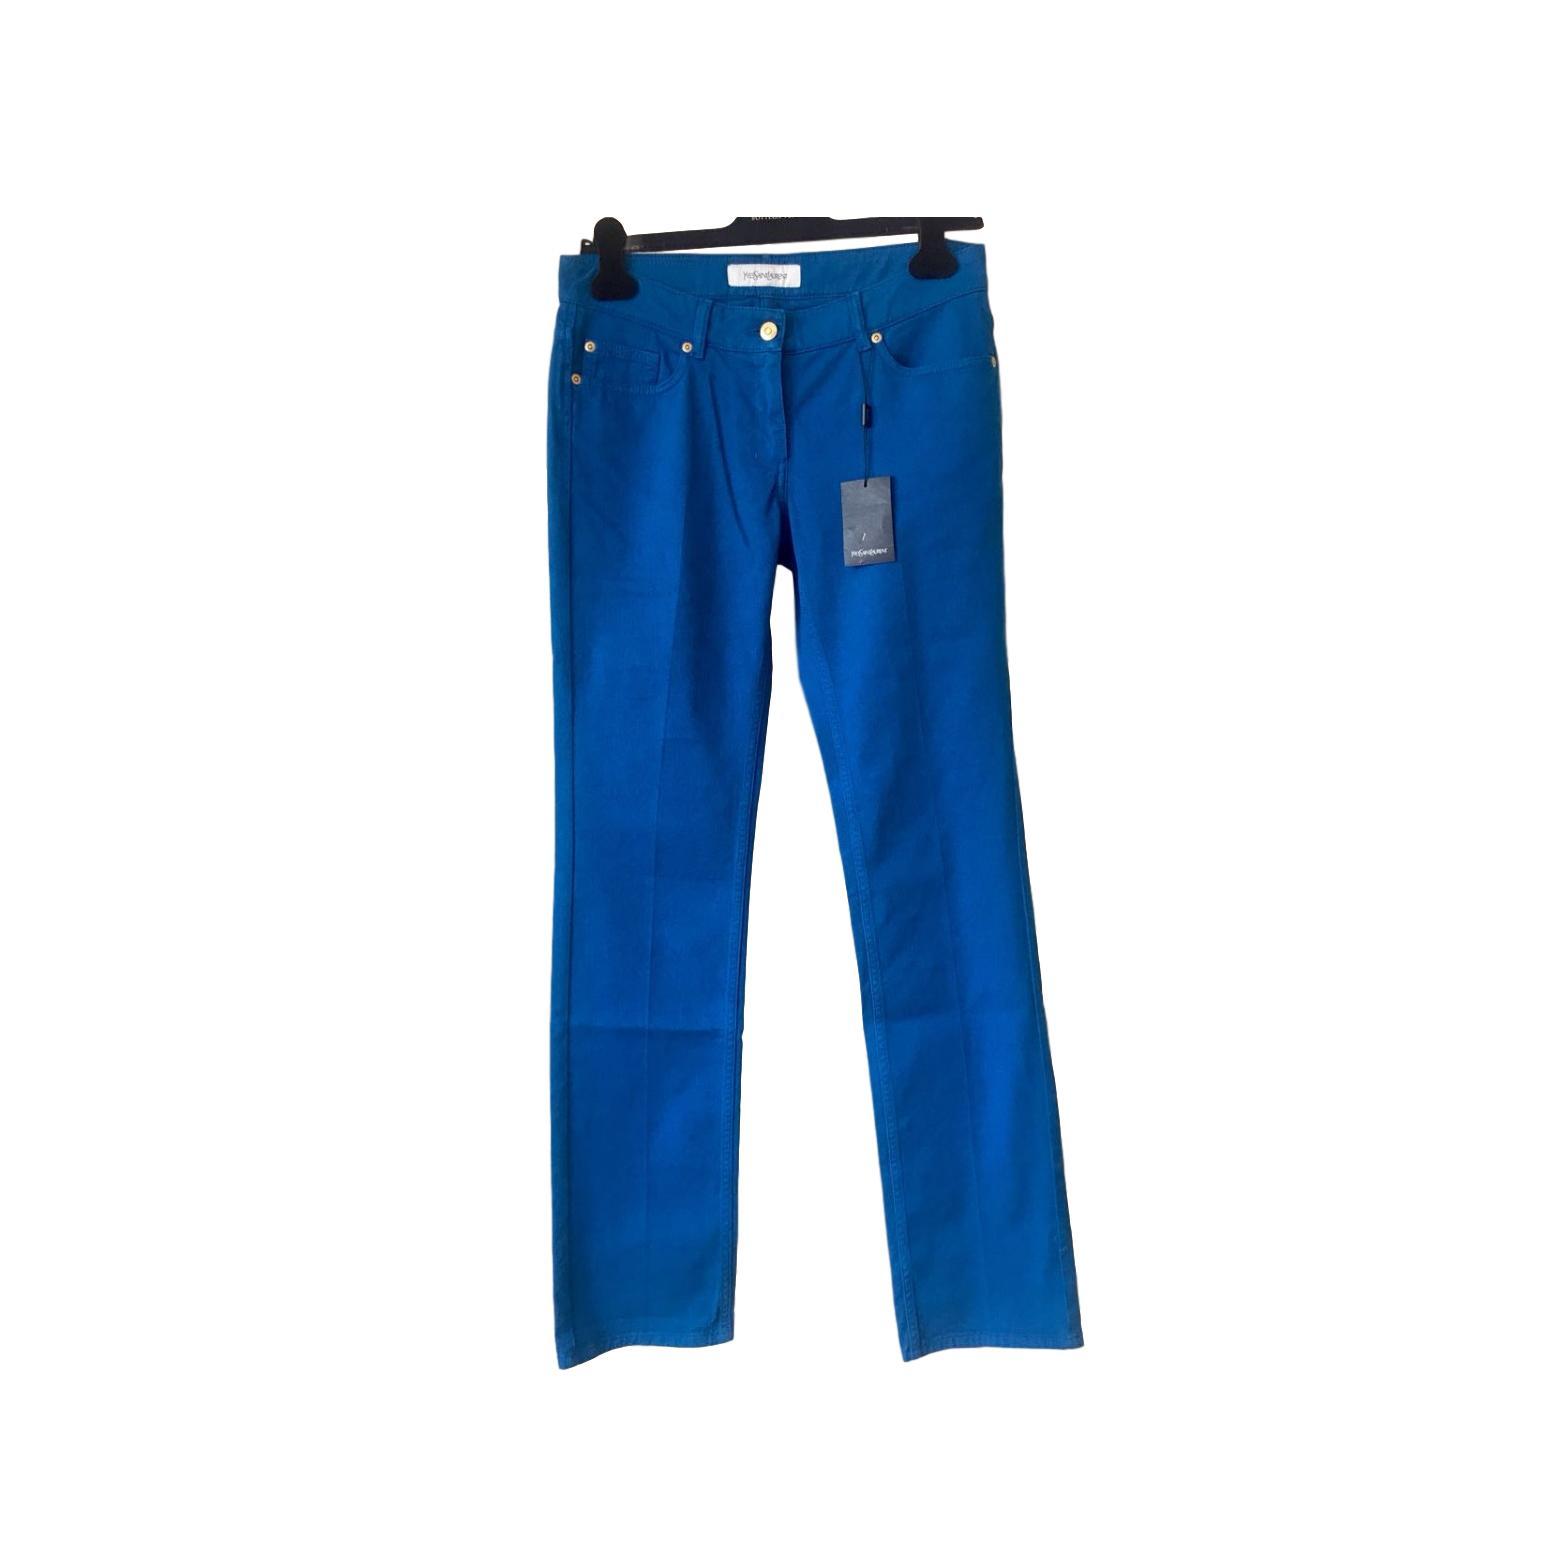 Купить джинсы Yves Saint Laurent за 16480 руб. в интернет магазине ... 4f2ce8bfb77